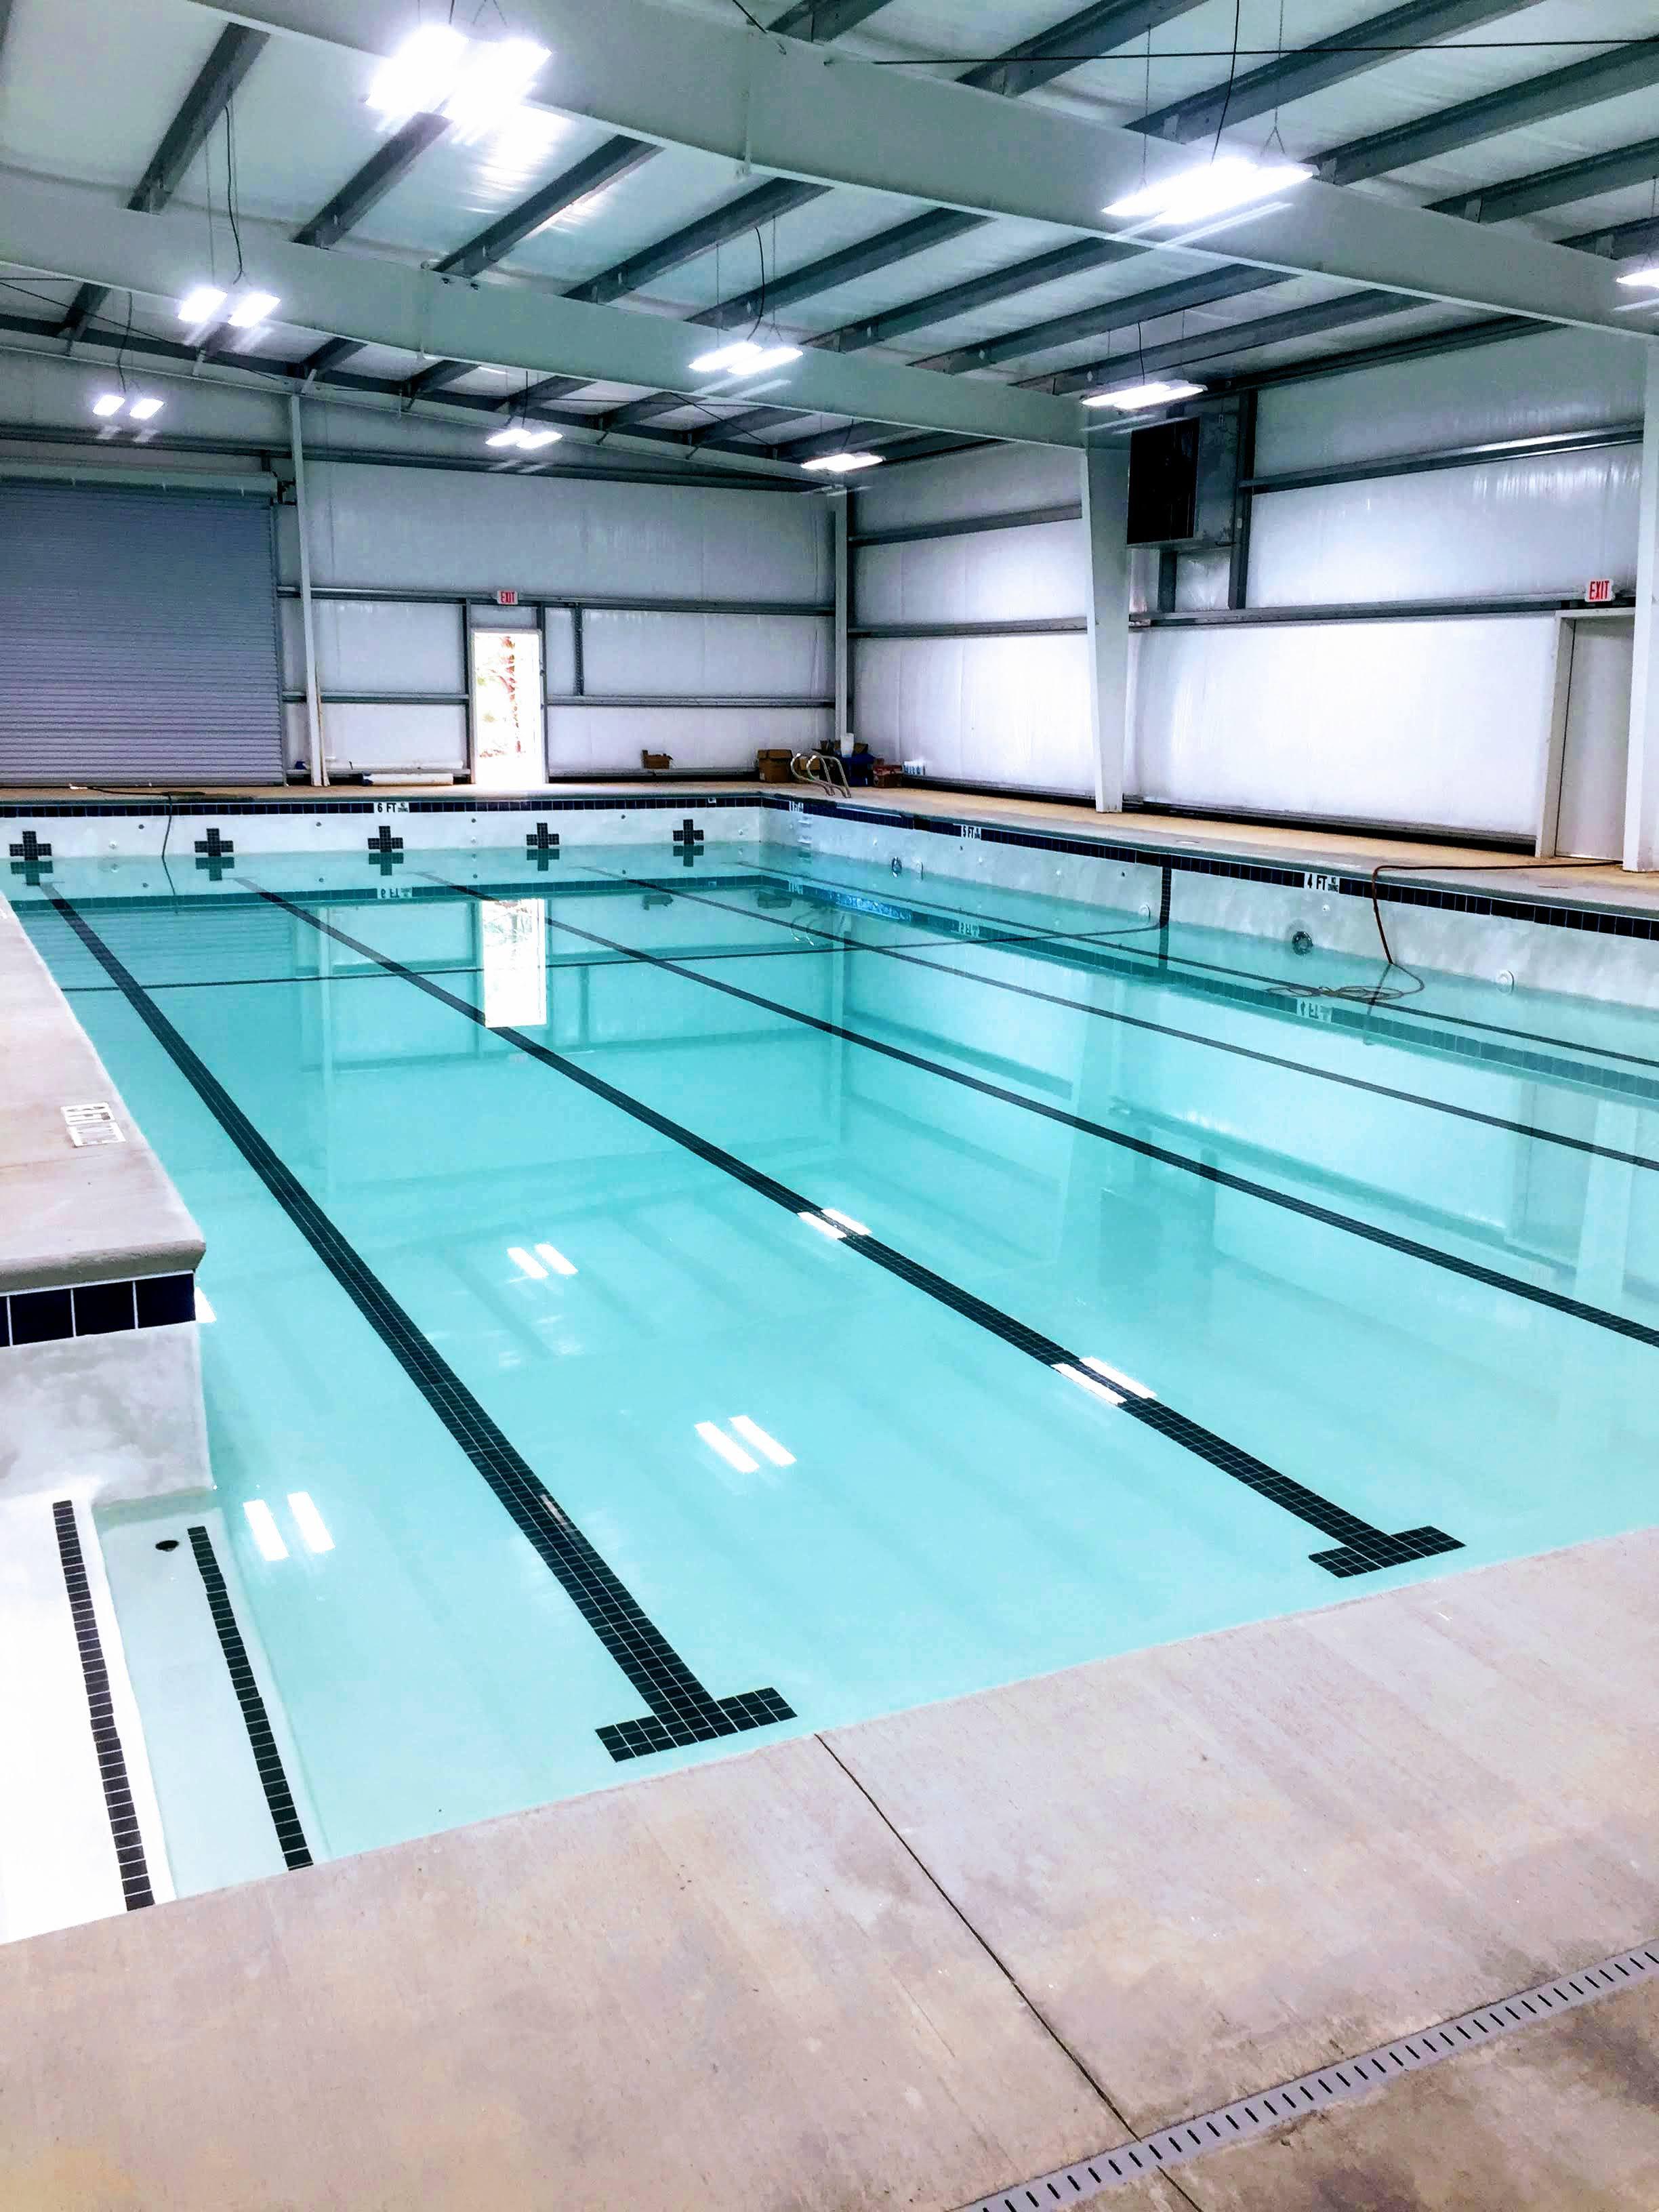 Open Lap Swim